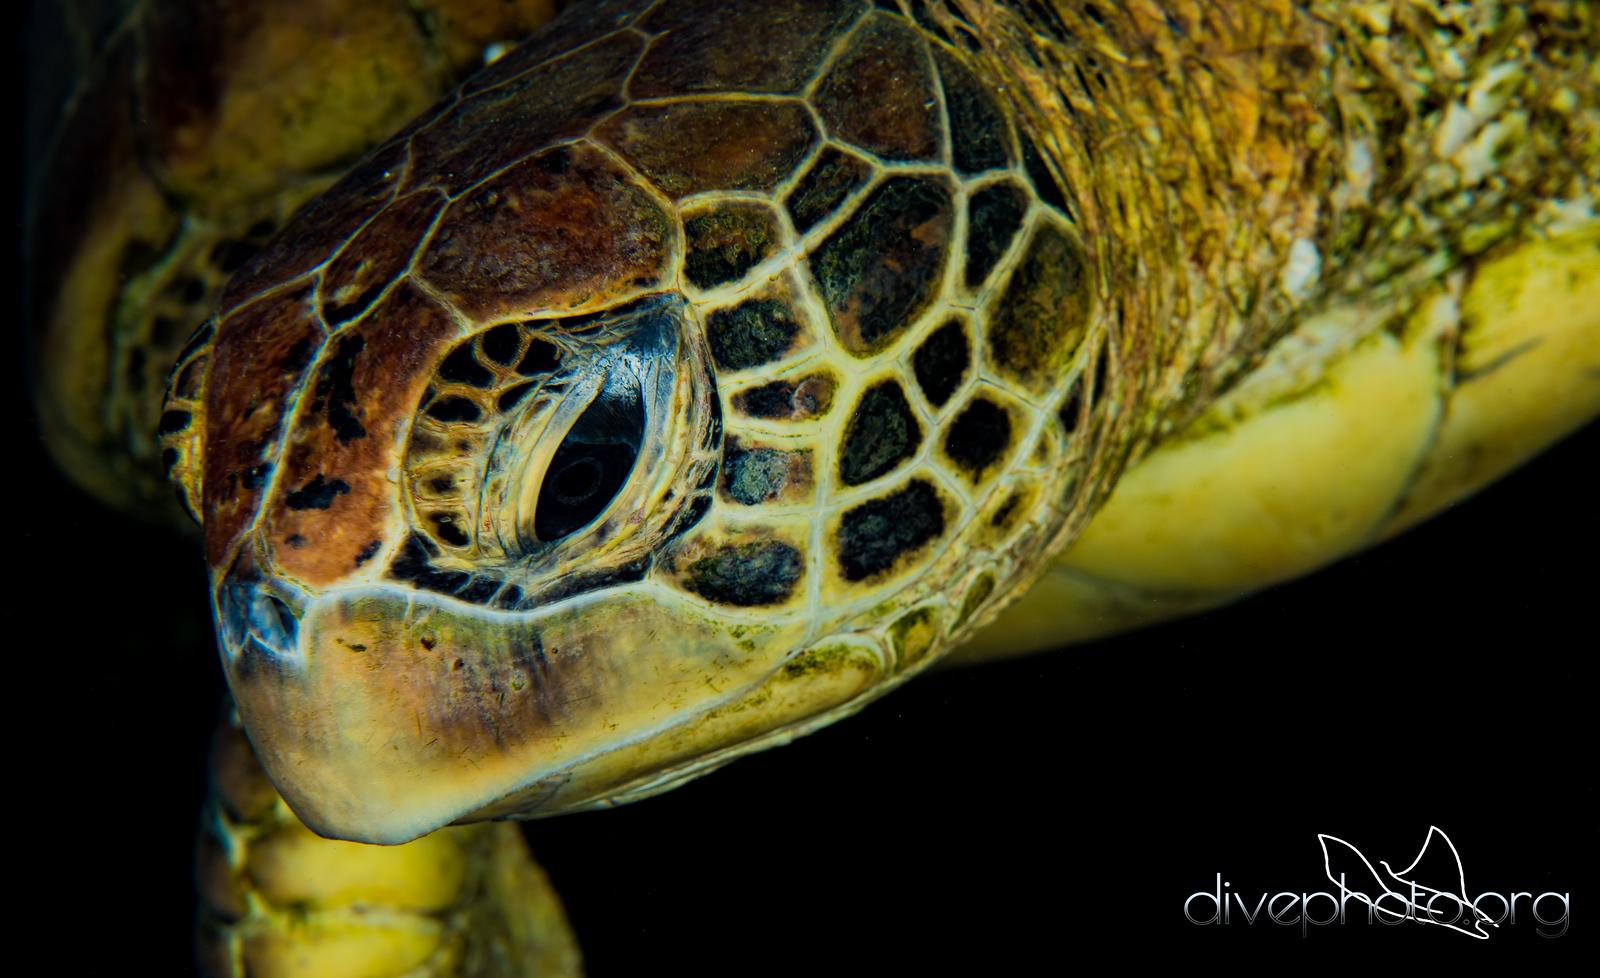 Honu, green sea turtle, Oahu